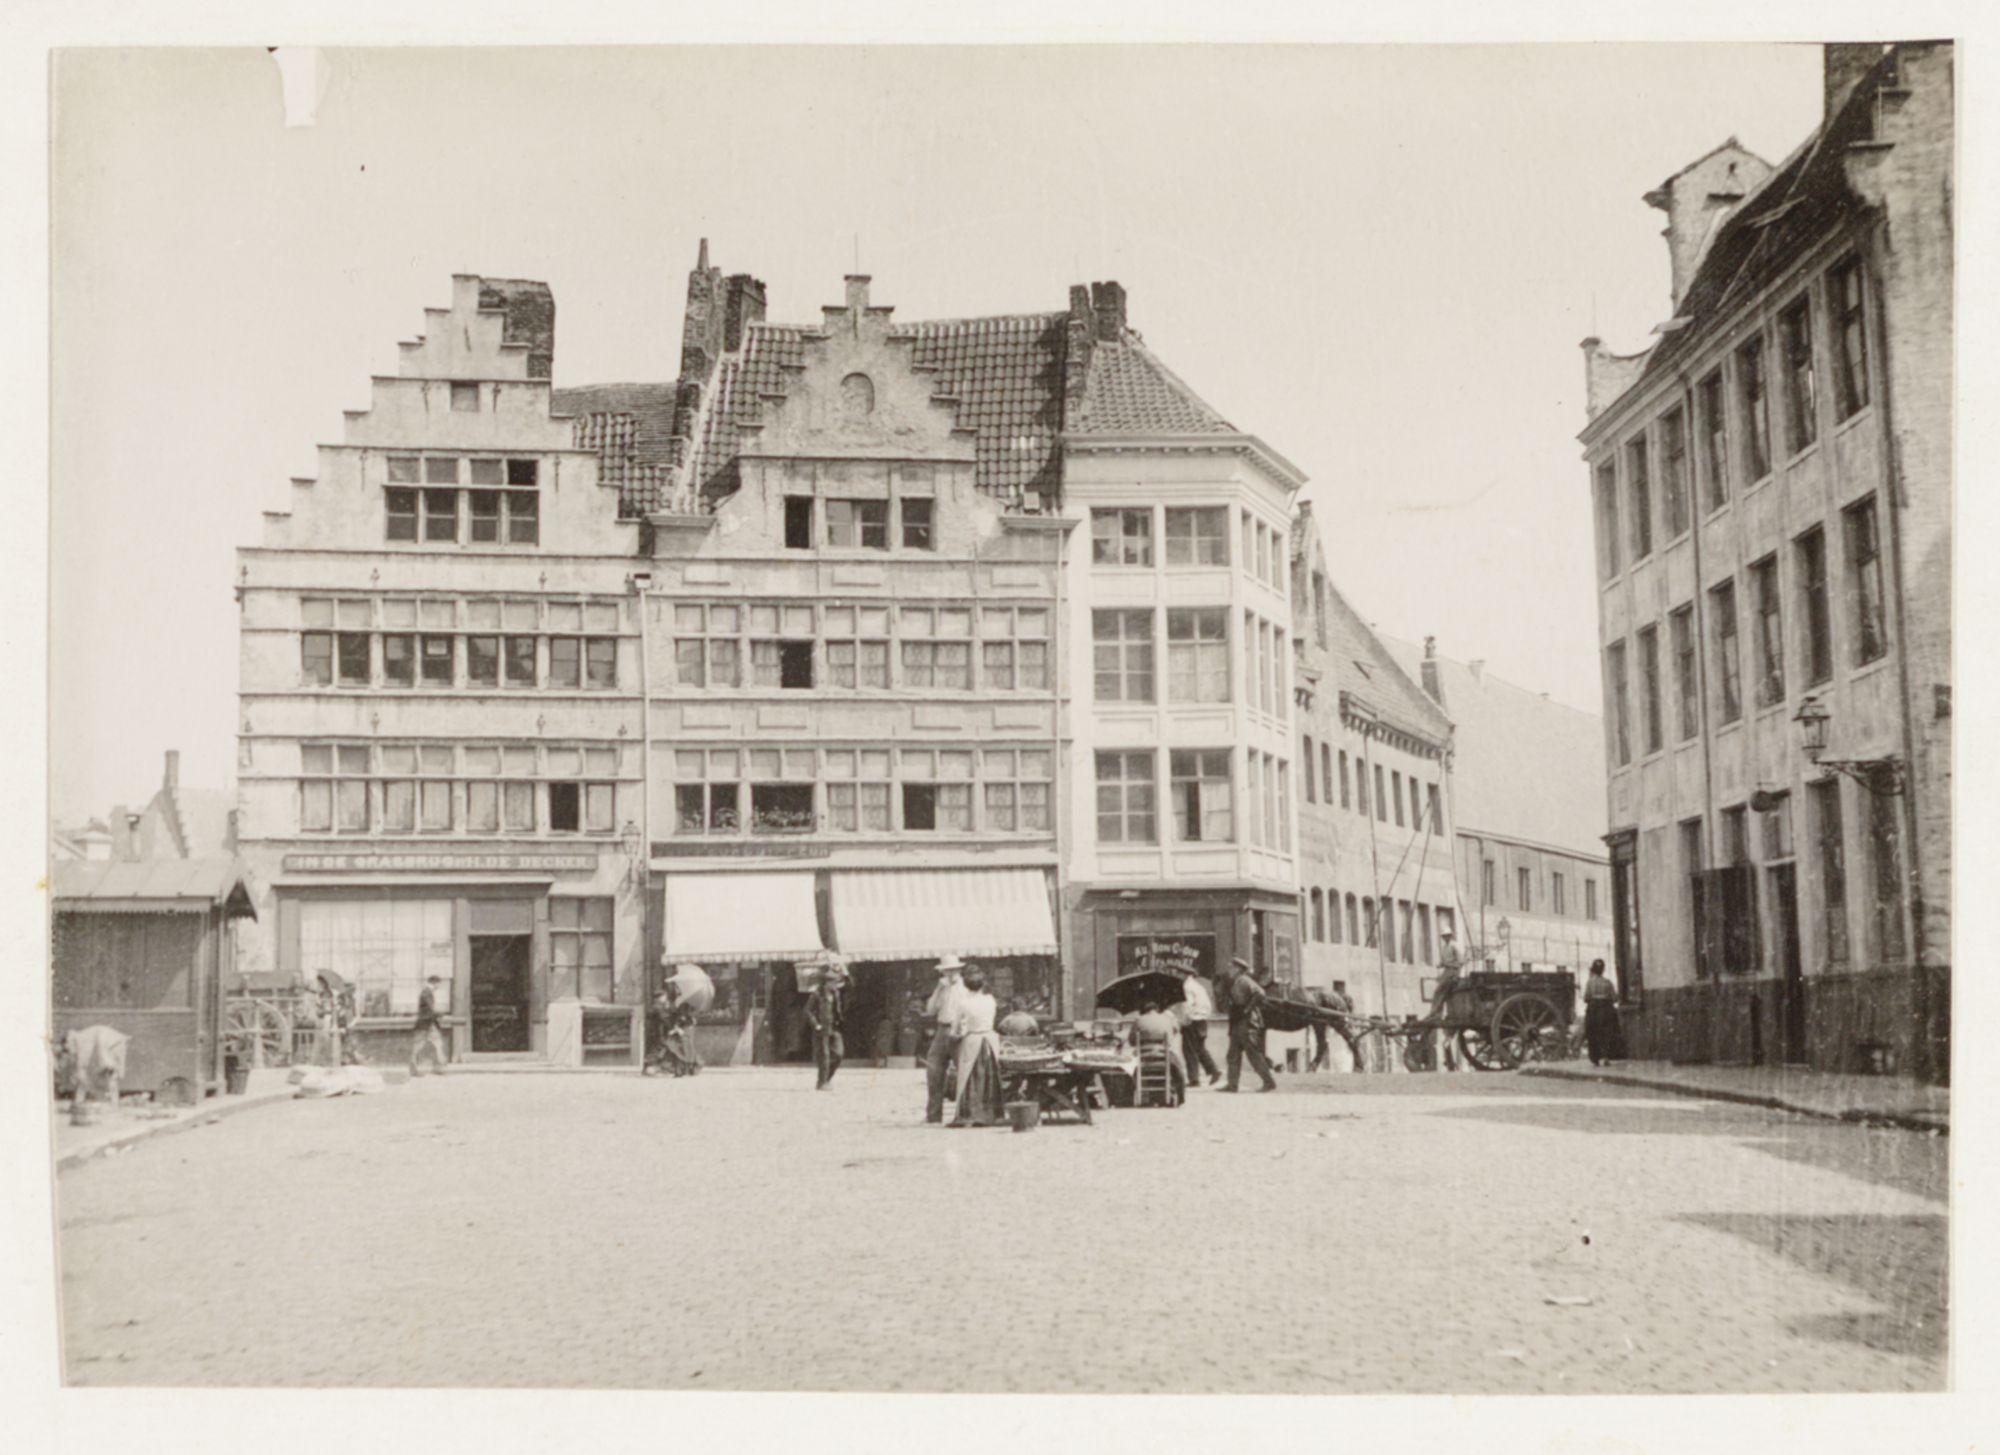 Gent: Huizen aan de Grasbrug vóór de restauratie, Graslei